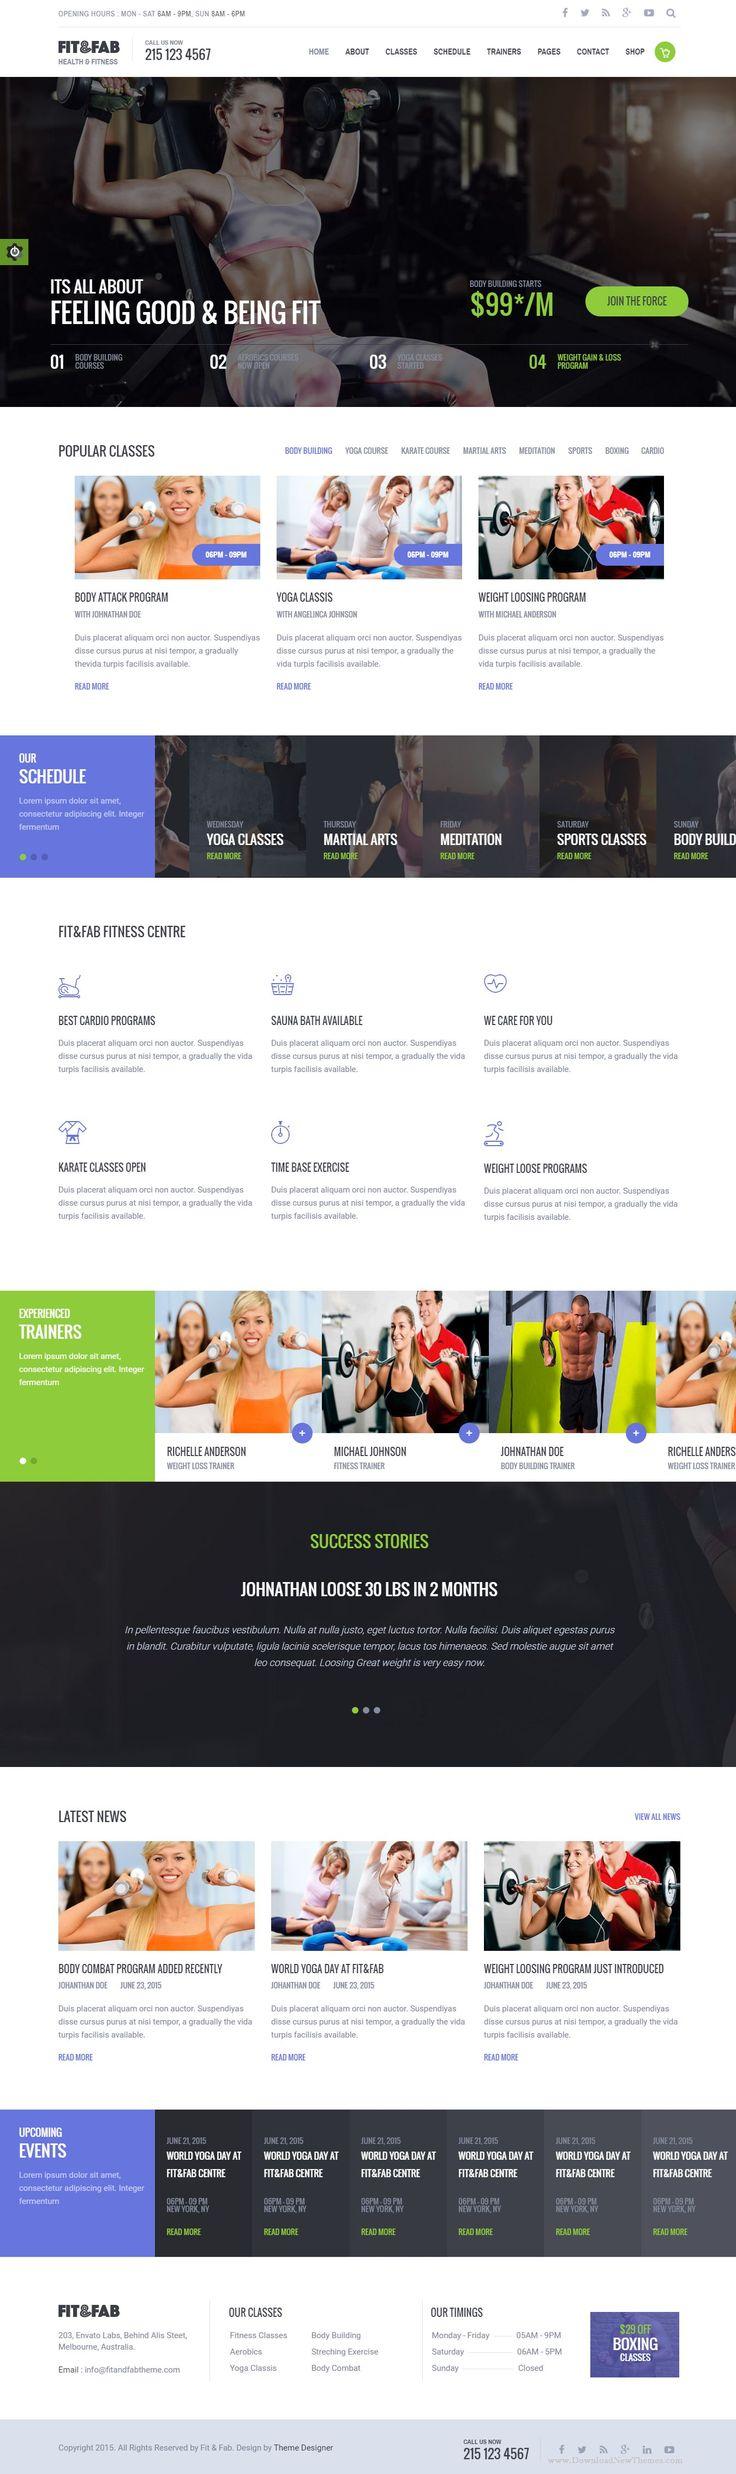 129 best fitness images on Pinterest | Website designs, Design web ...